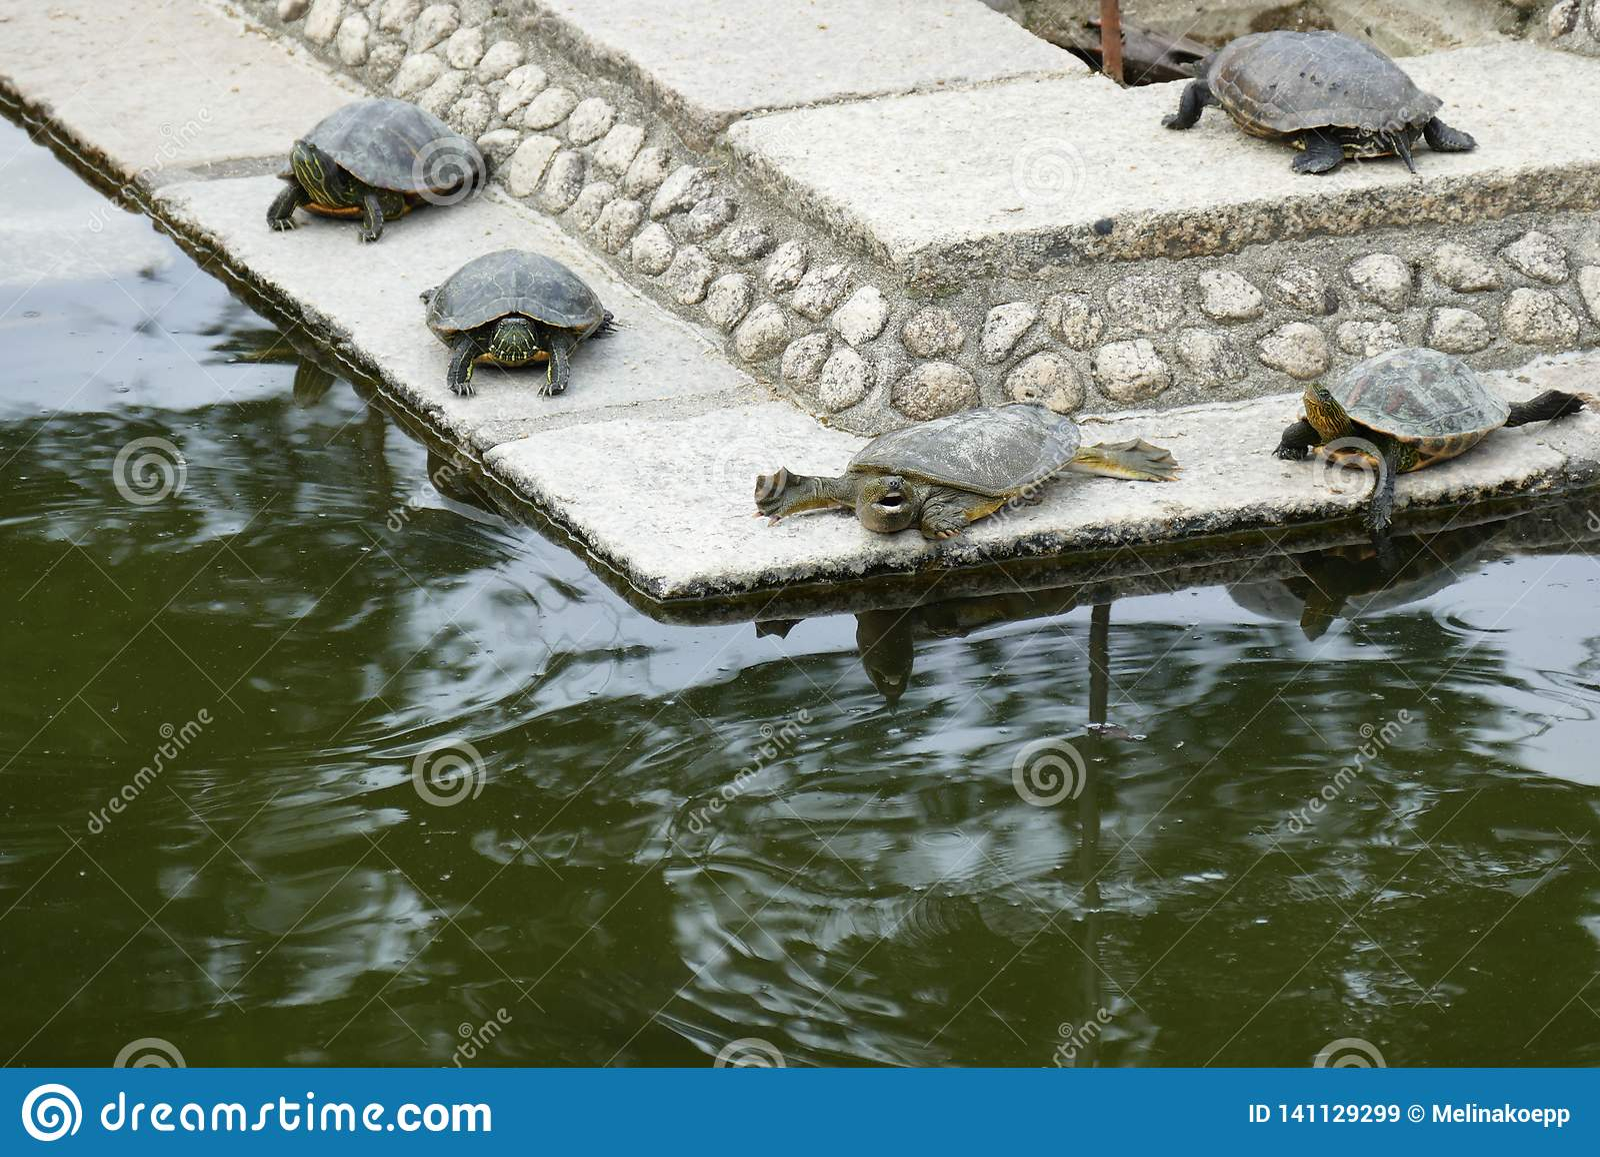 Tortugas en un pequeño lago, Nara, Japón